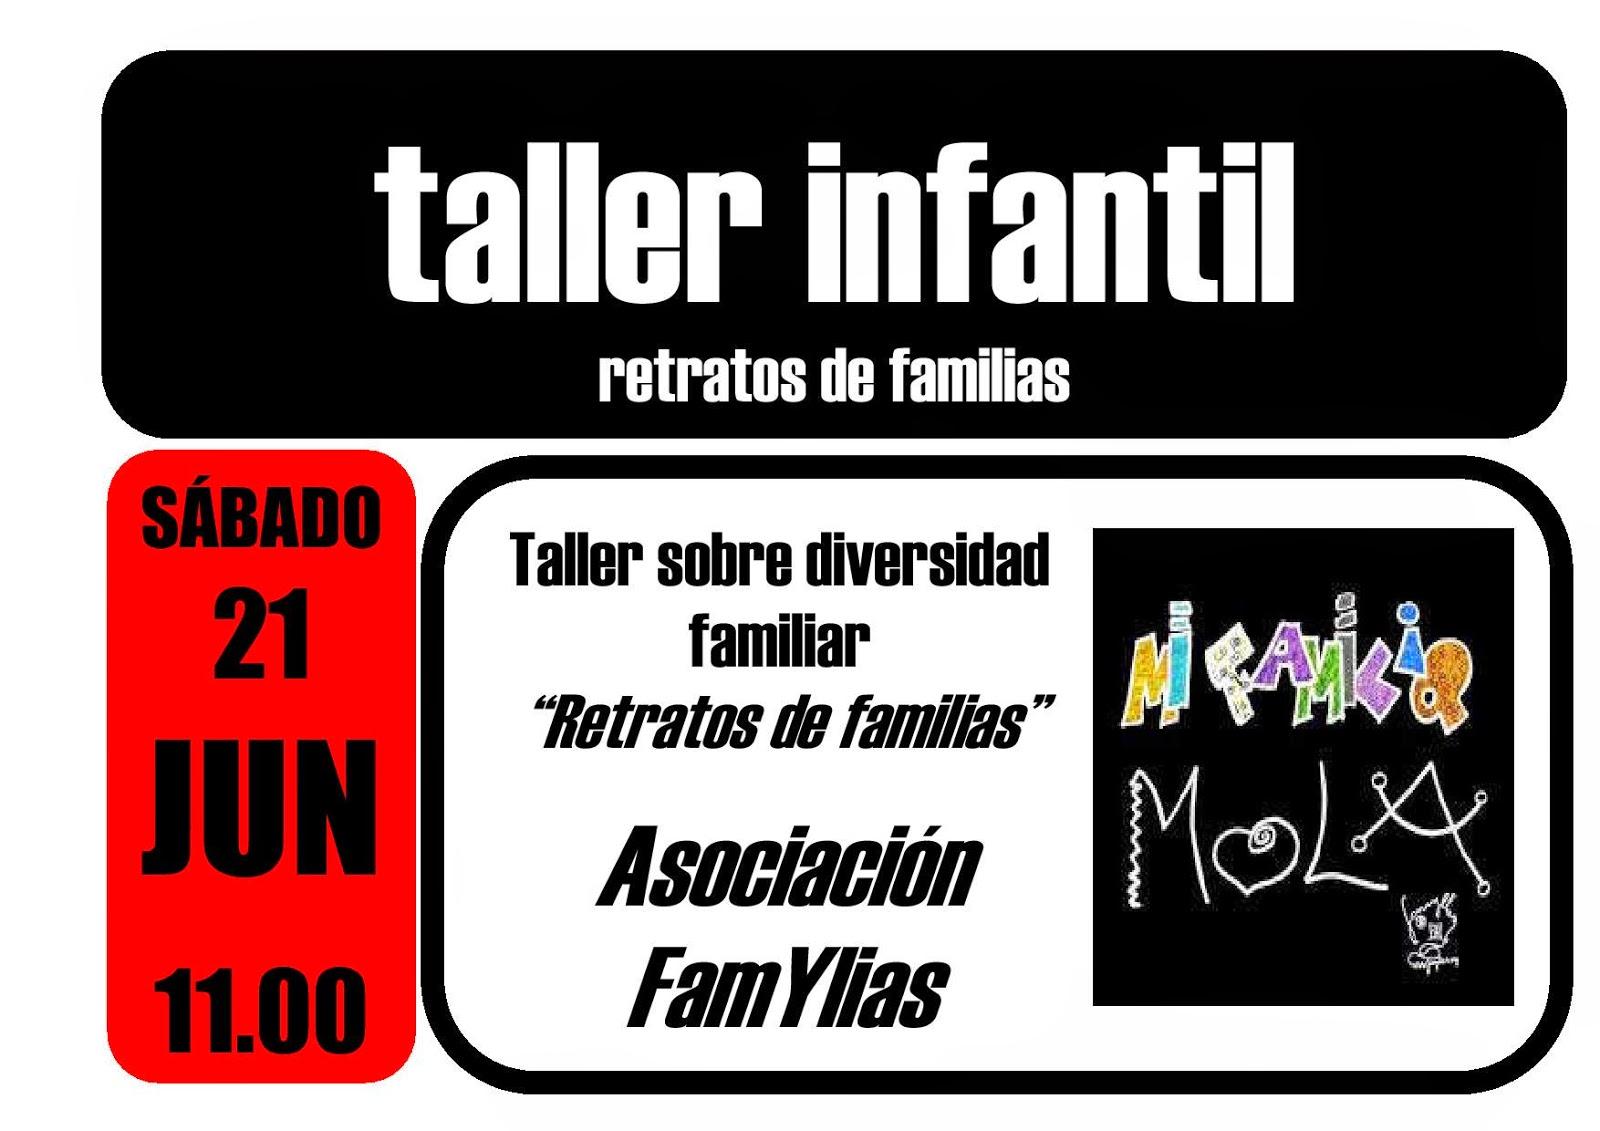 http://larevistademuga.blogspot.com.es/p/taller-de-diversidad-familiar.html